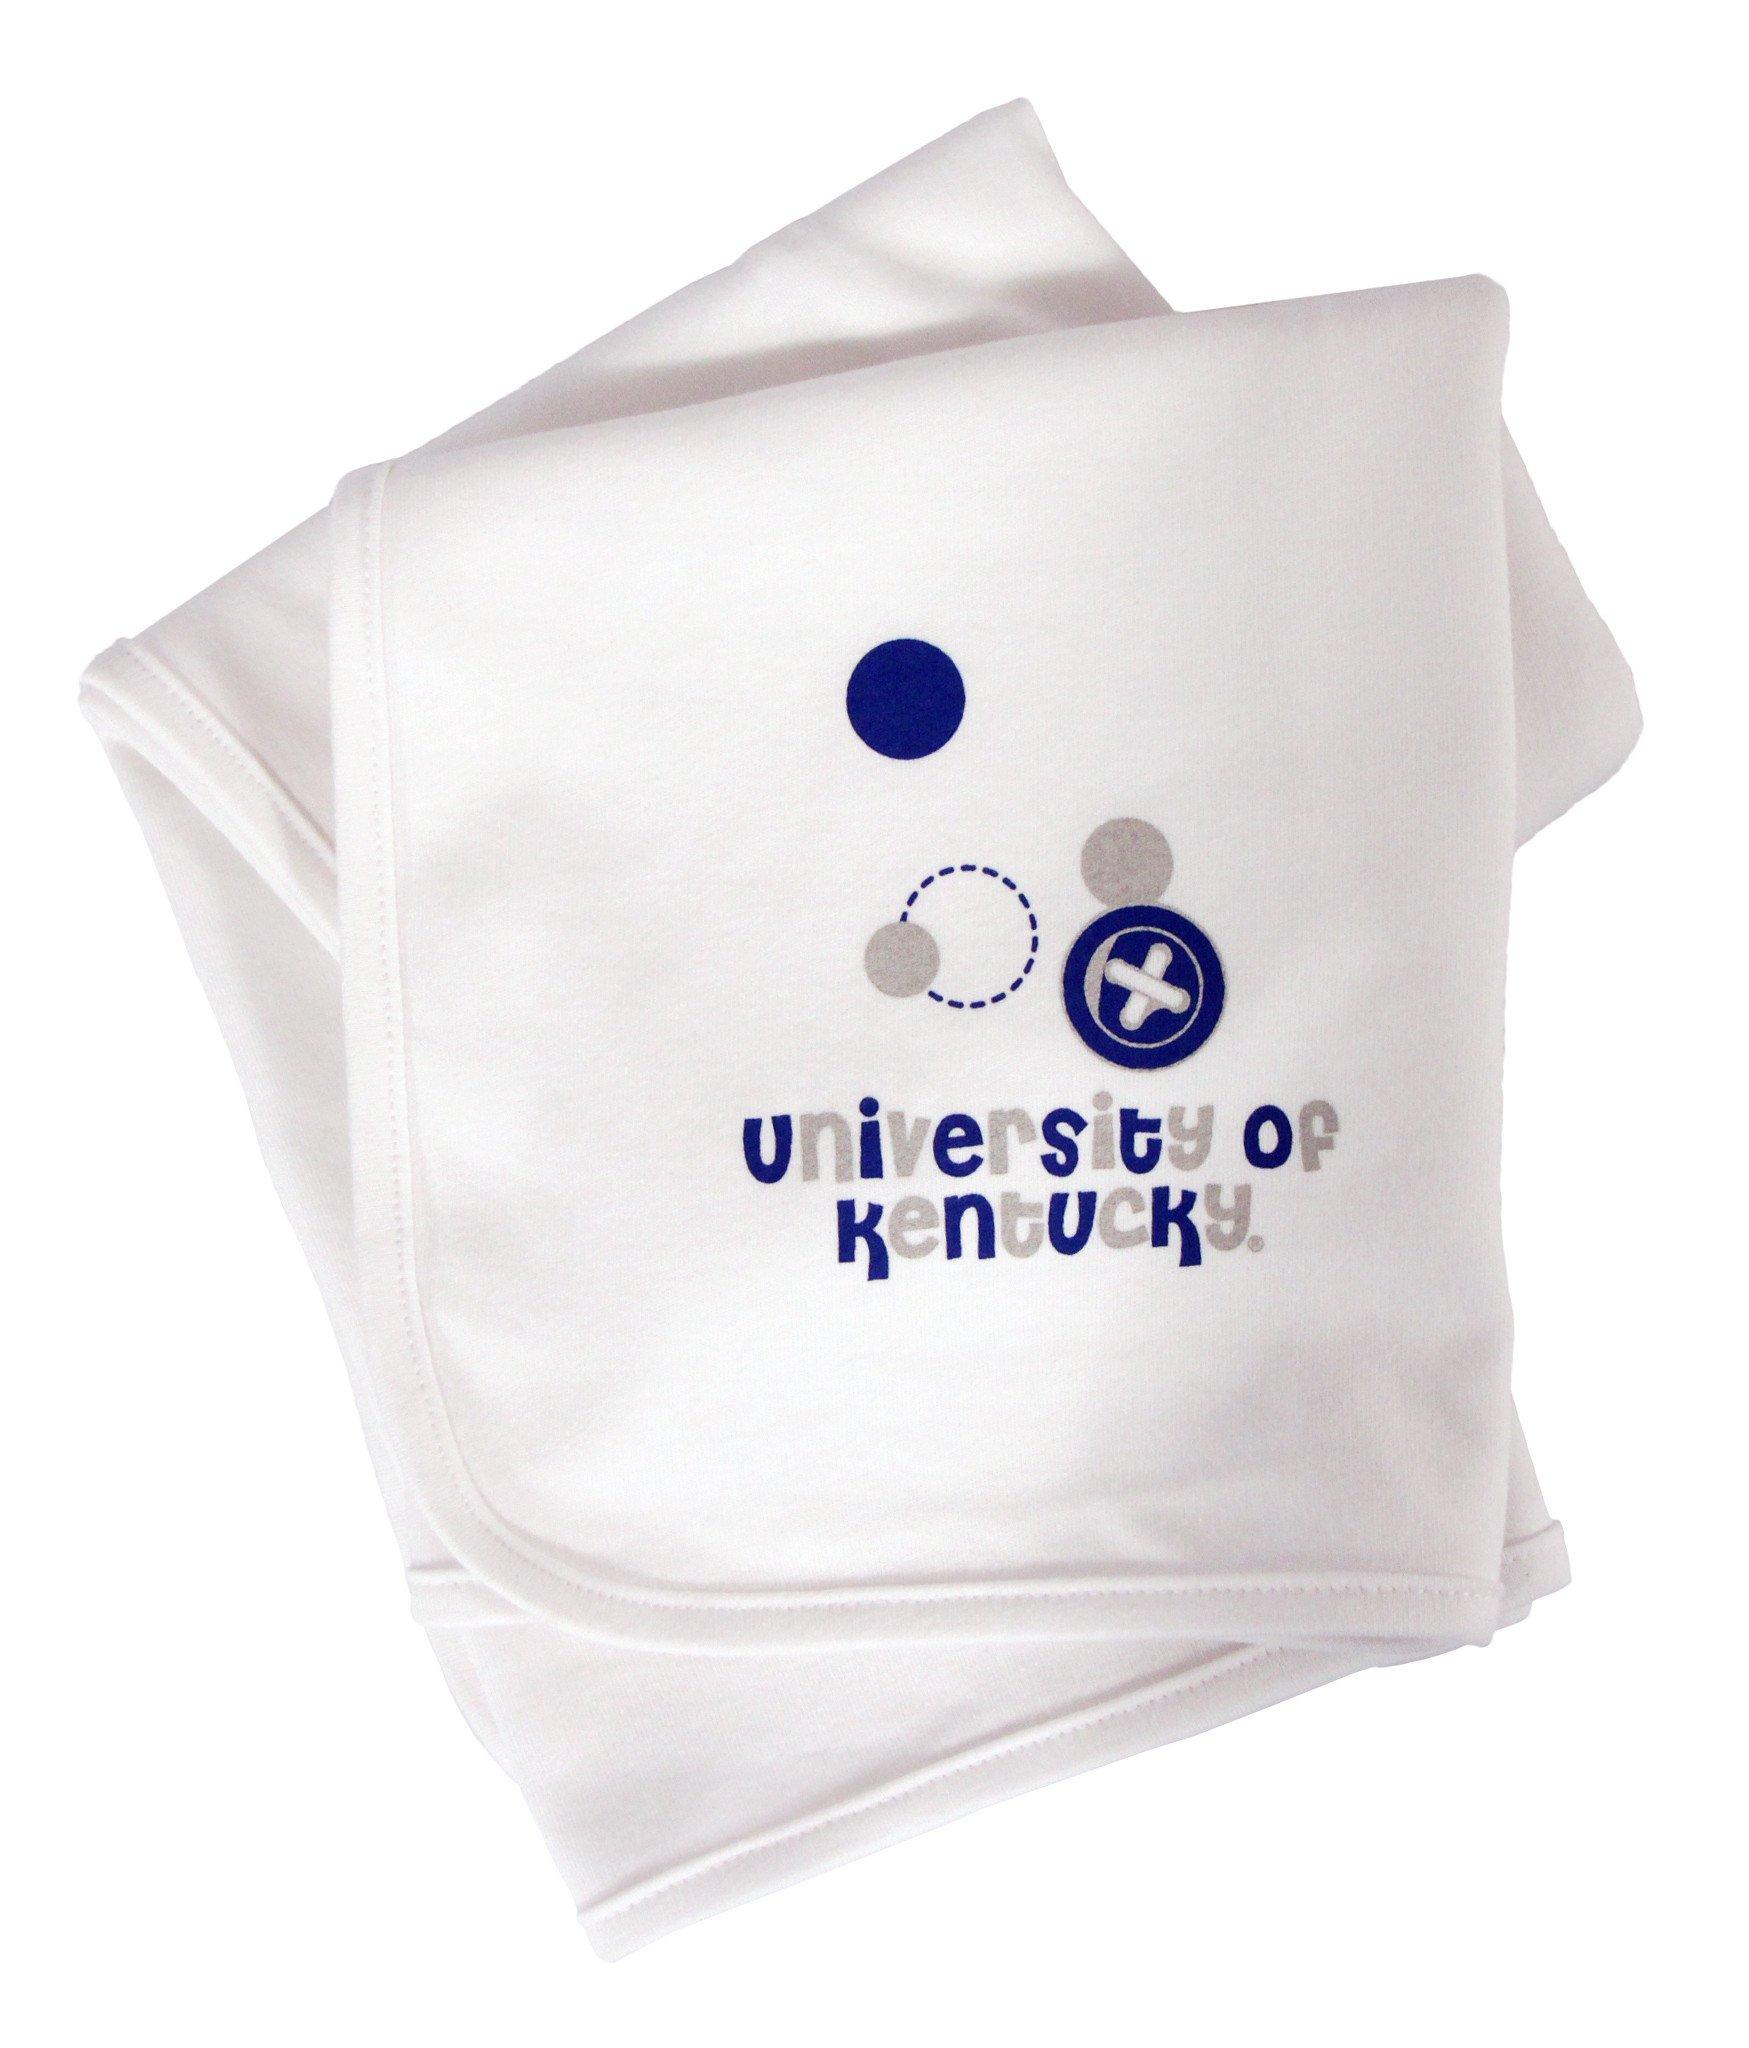 University of Kentucky Baby Blanket